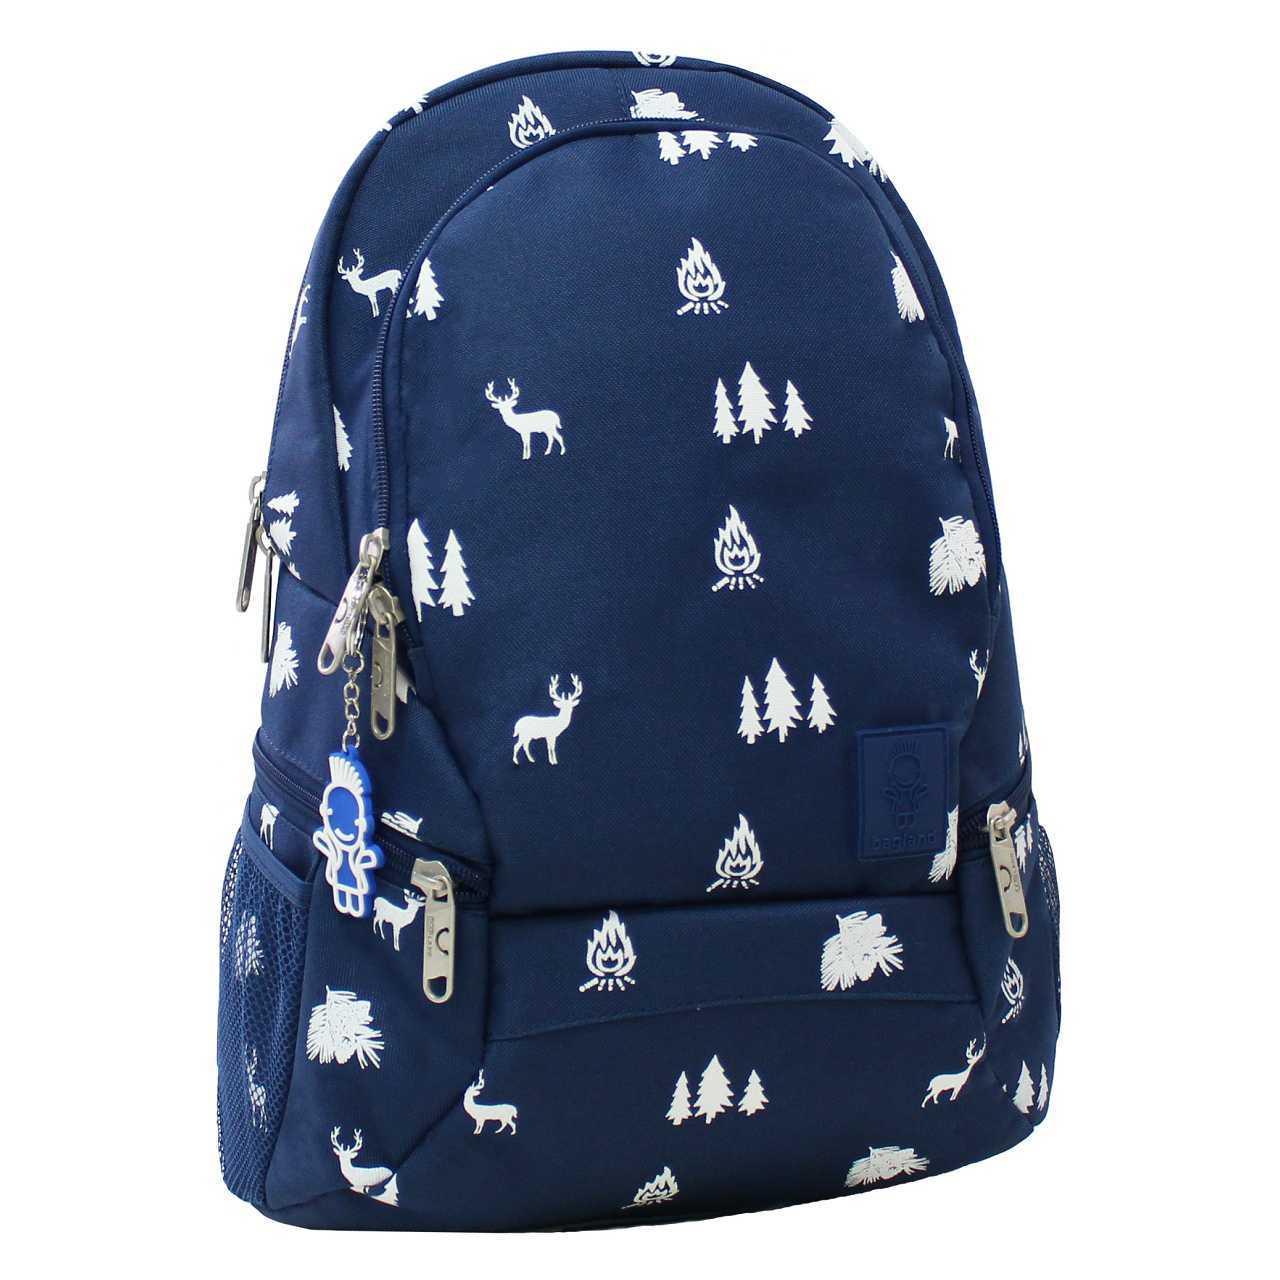 Городские рюкзаки Рюкзак Bagland Urban 20 л. 225 синій/олені (0053066) IMG_6441.jpg